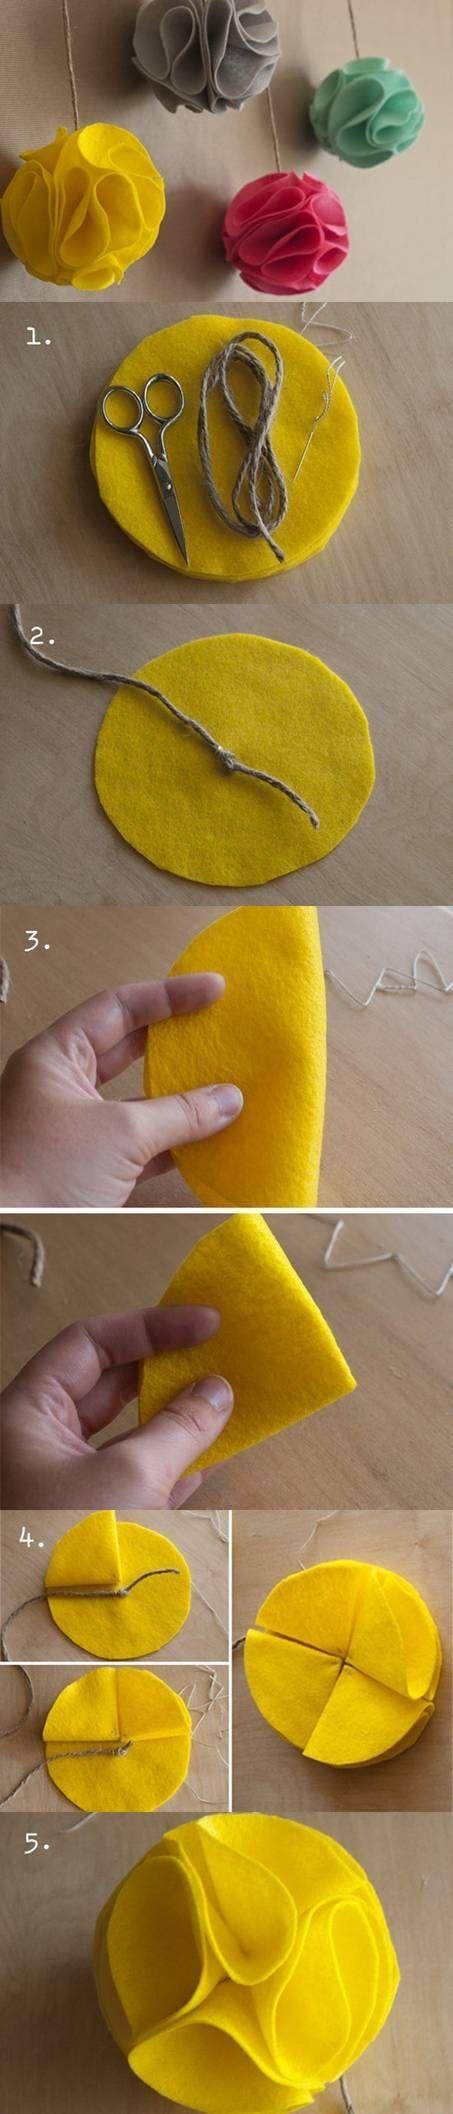 как сделать елочный шар из фетра